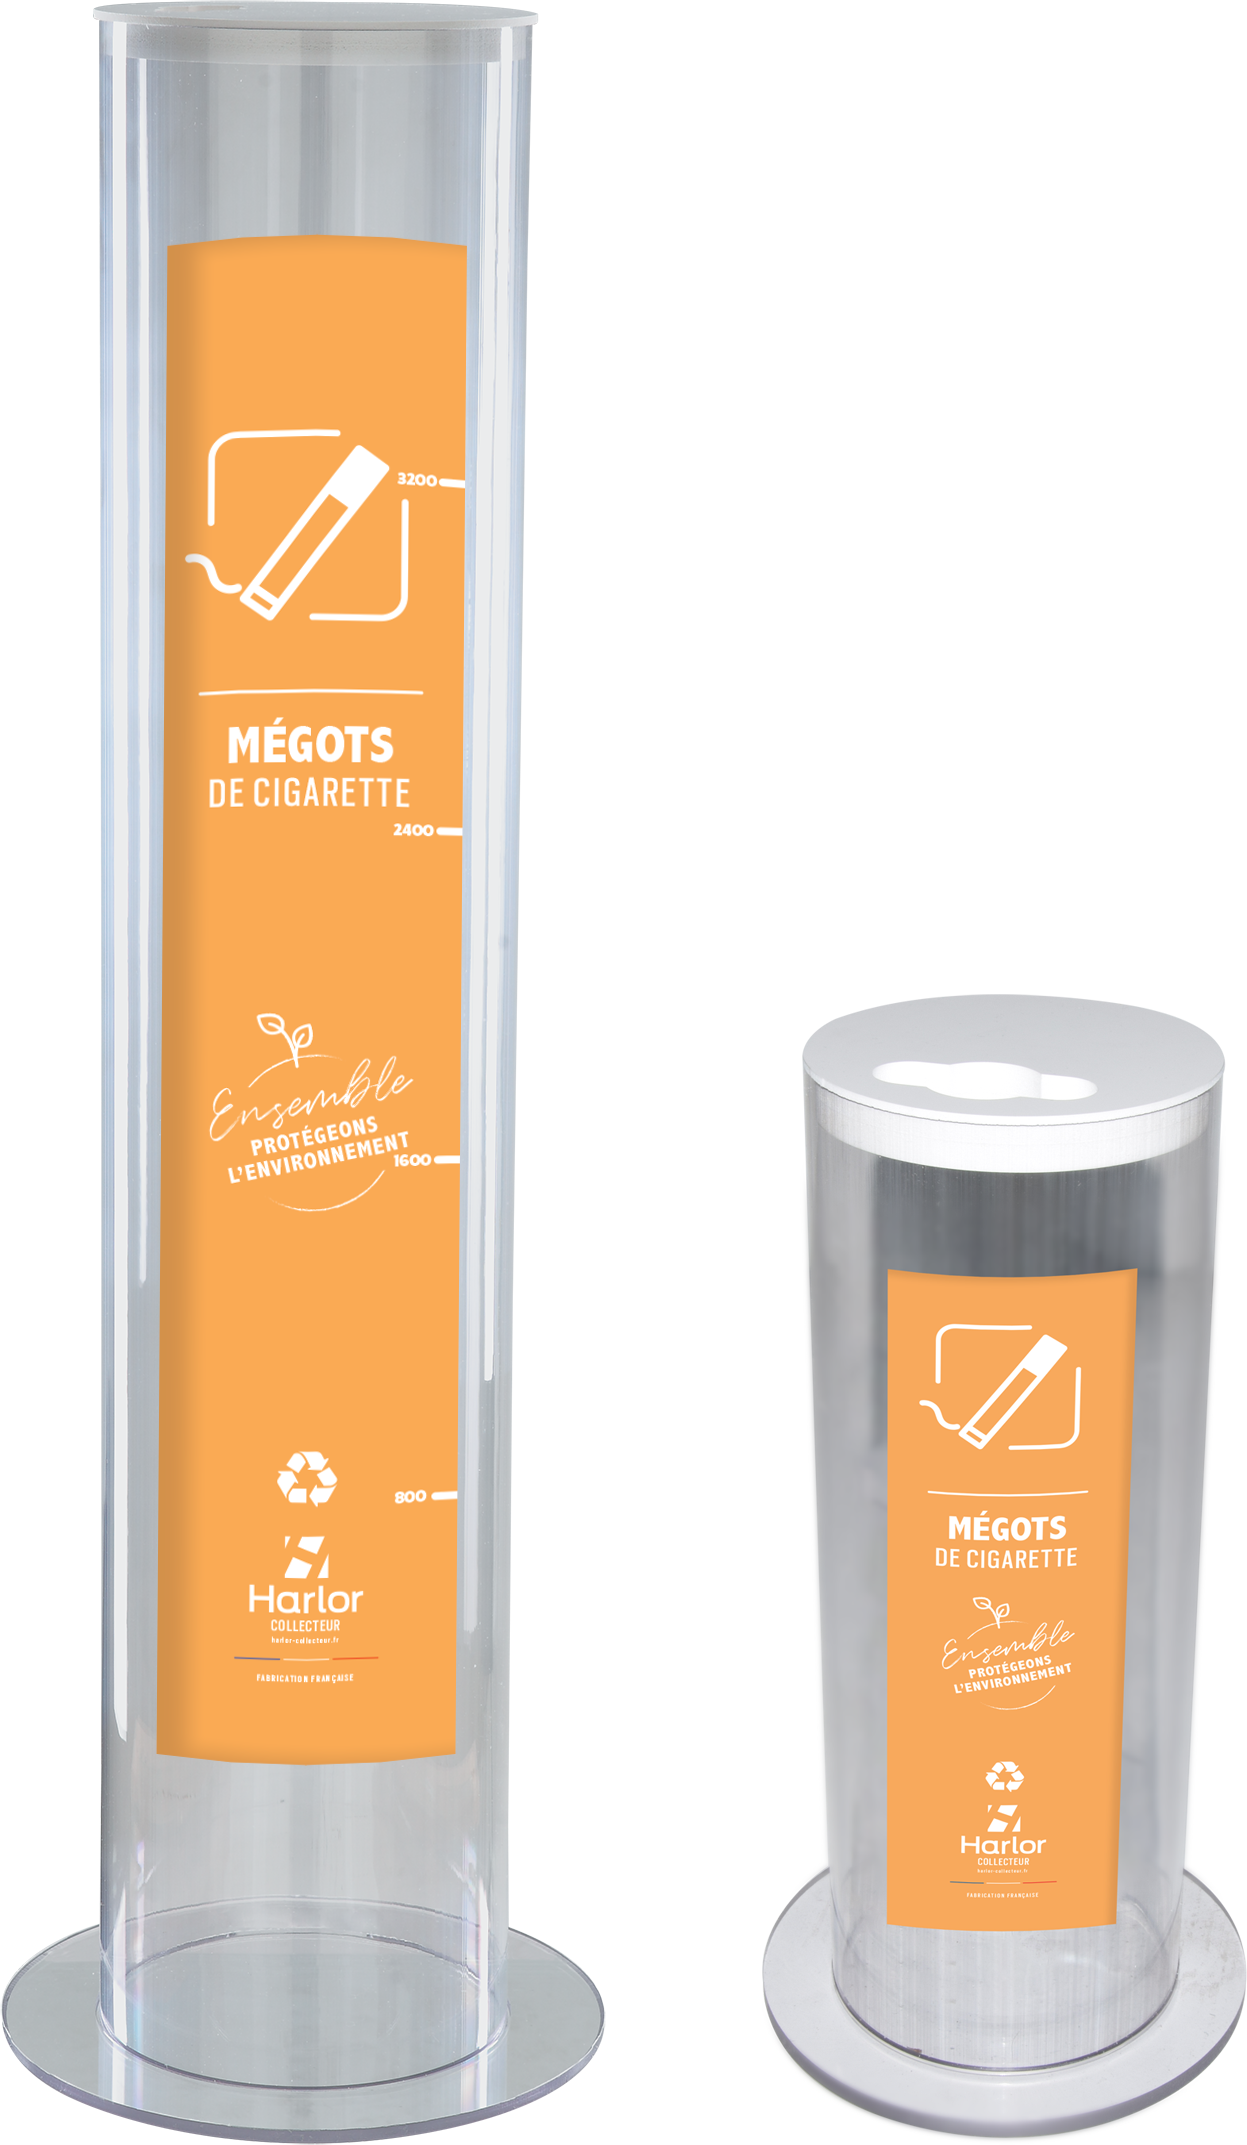 HARLOR COLLECTEUR - collecter les megots de cigarette - collecteur